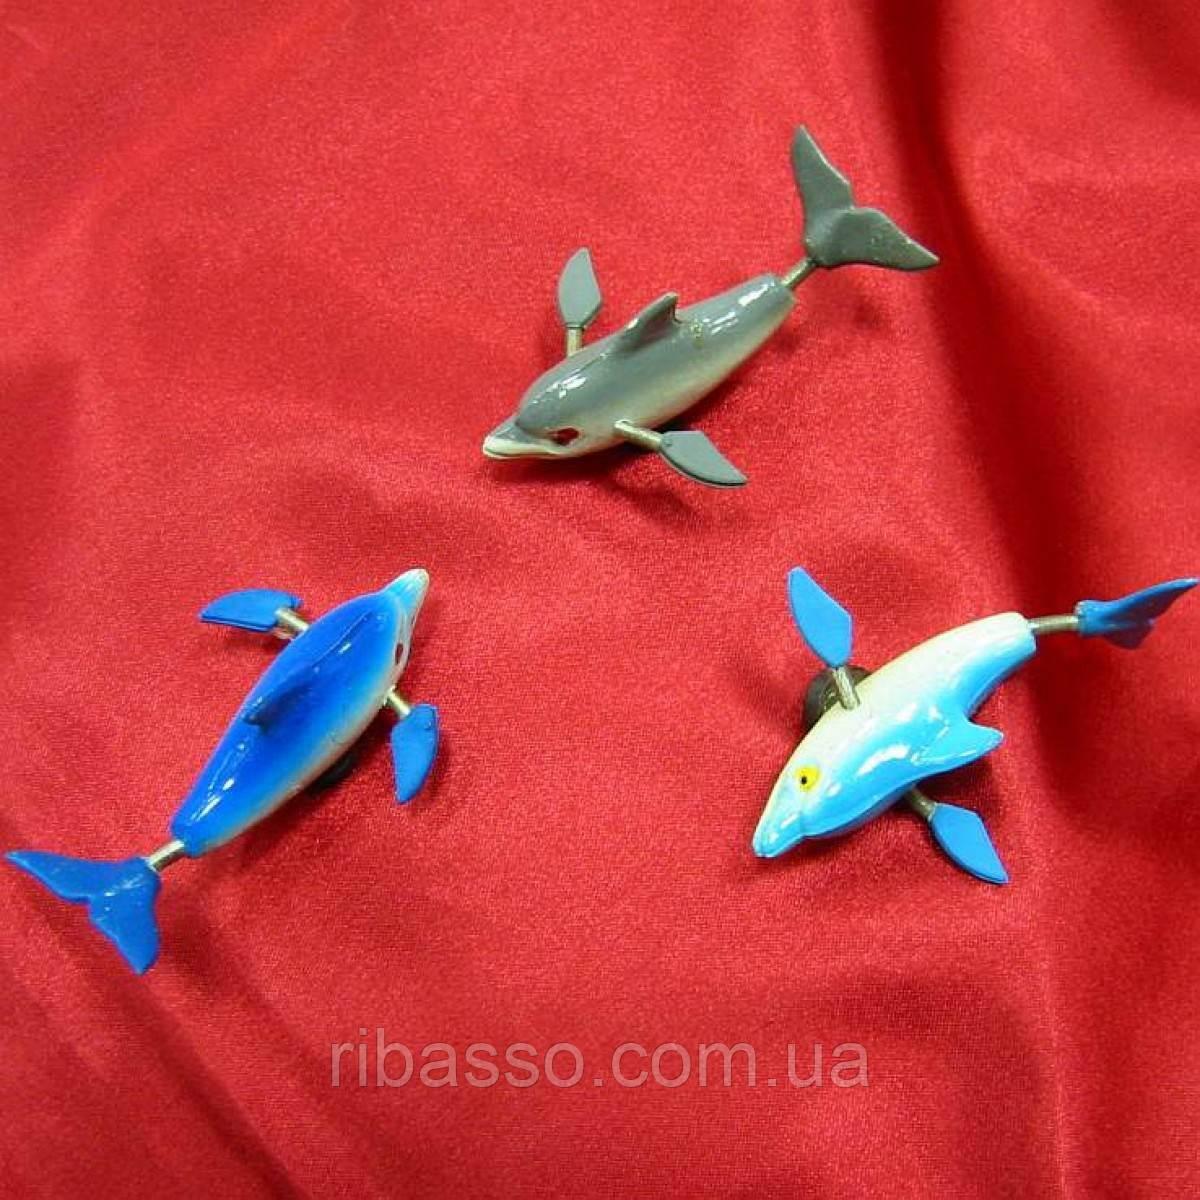 """Магнит """"Дельфин"""" в упаковке 120шт 22301"""